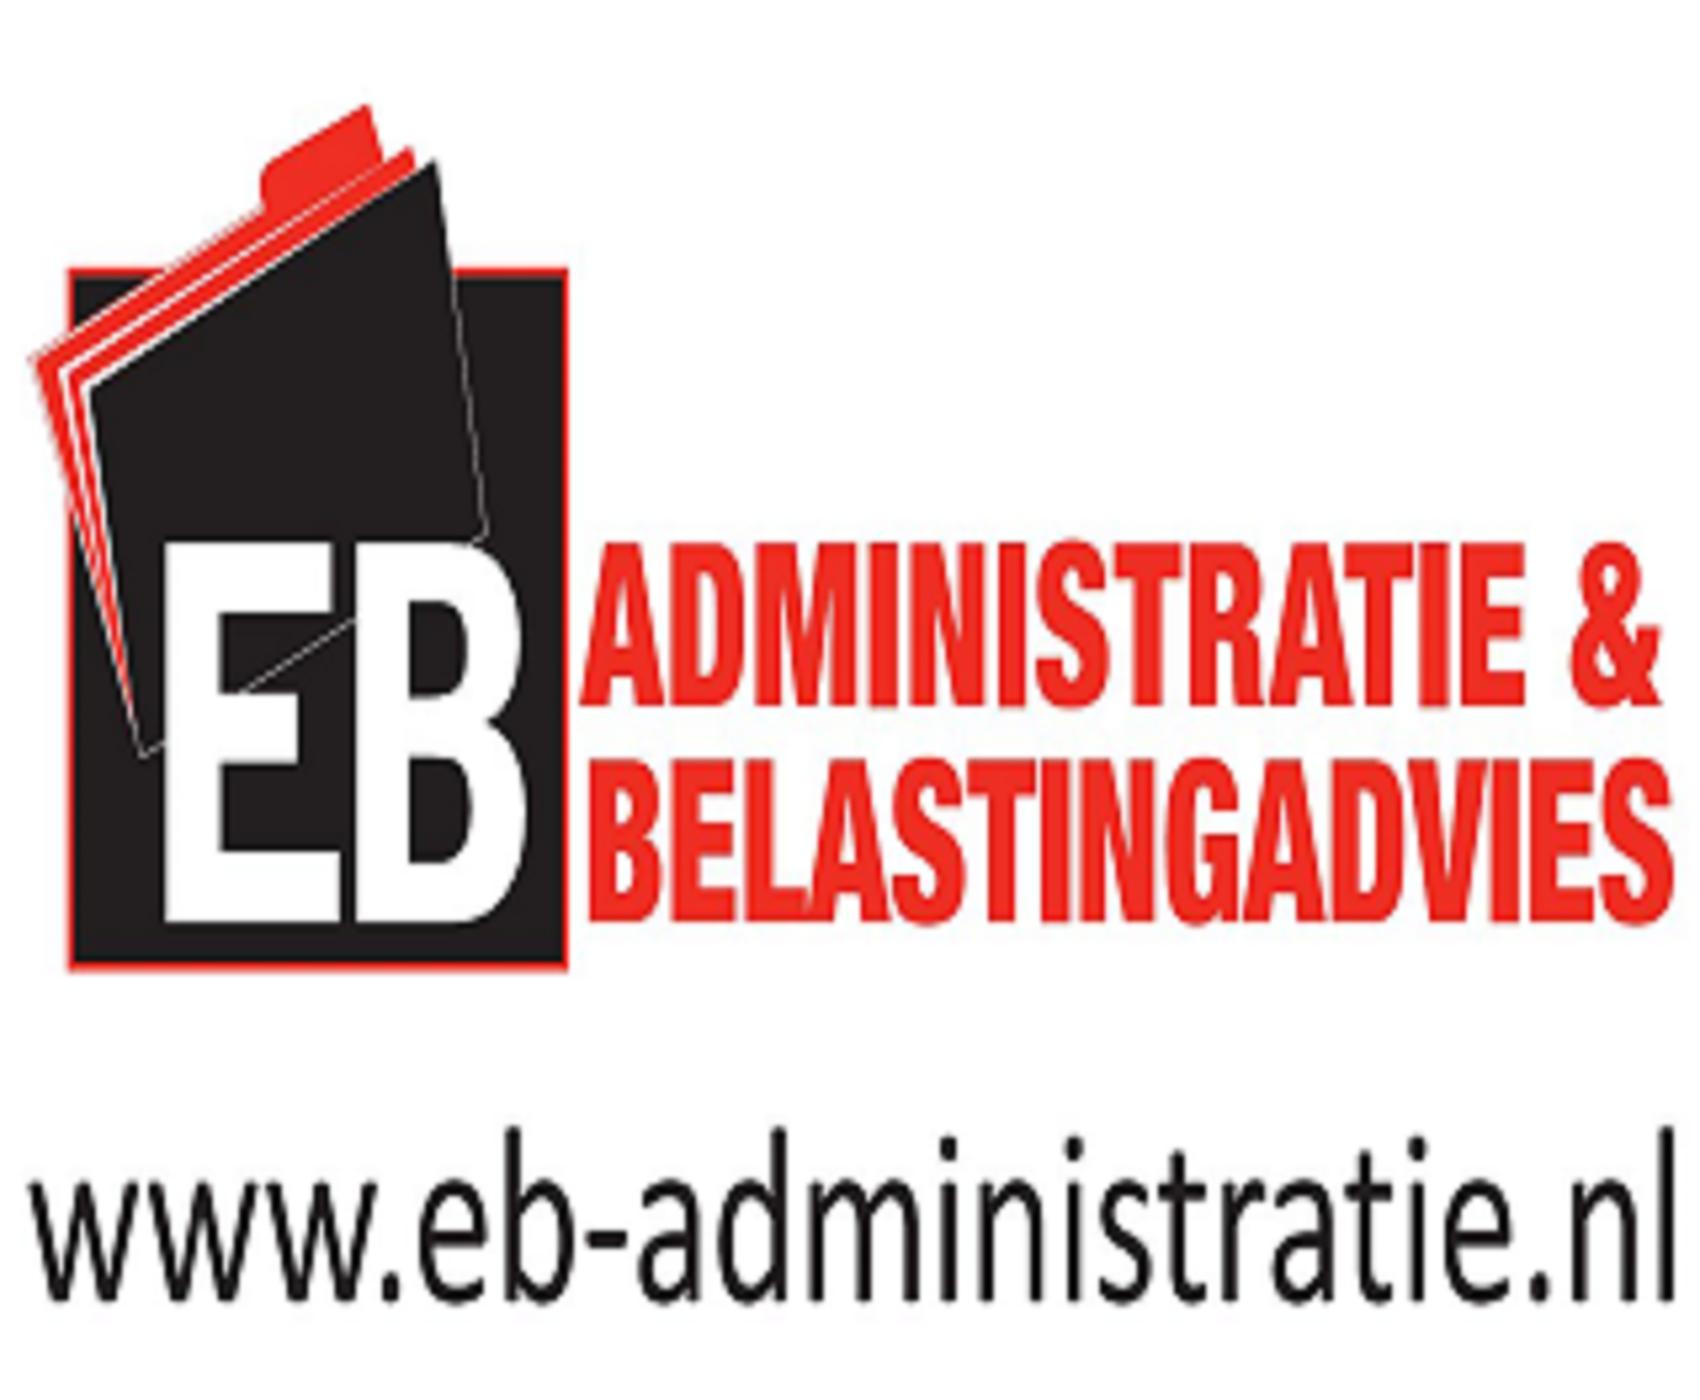 EB Administratie & Belastingadvies is zaterdag de wedstrijdsponsor bij S.C. Lemele 1 - OVC'21 1